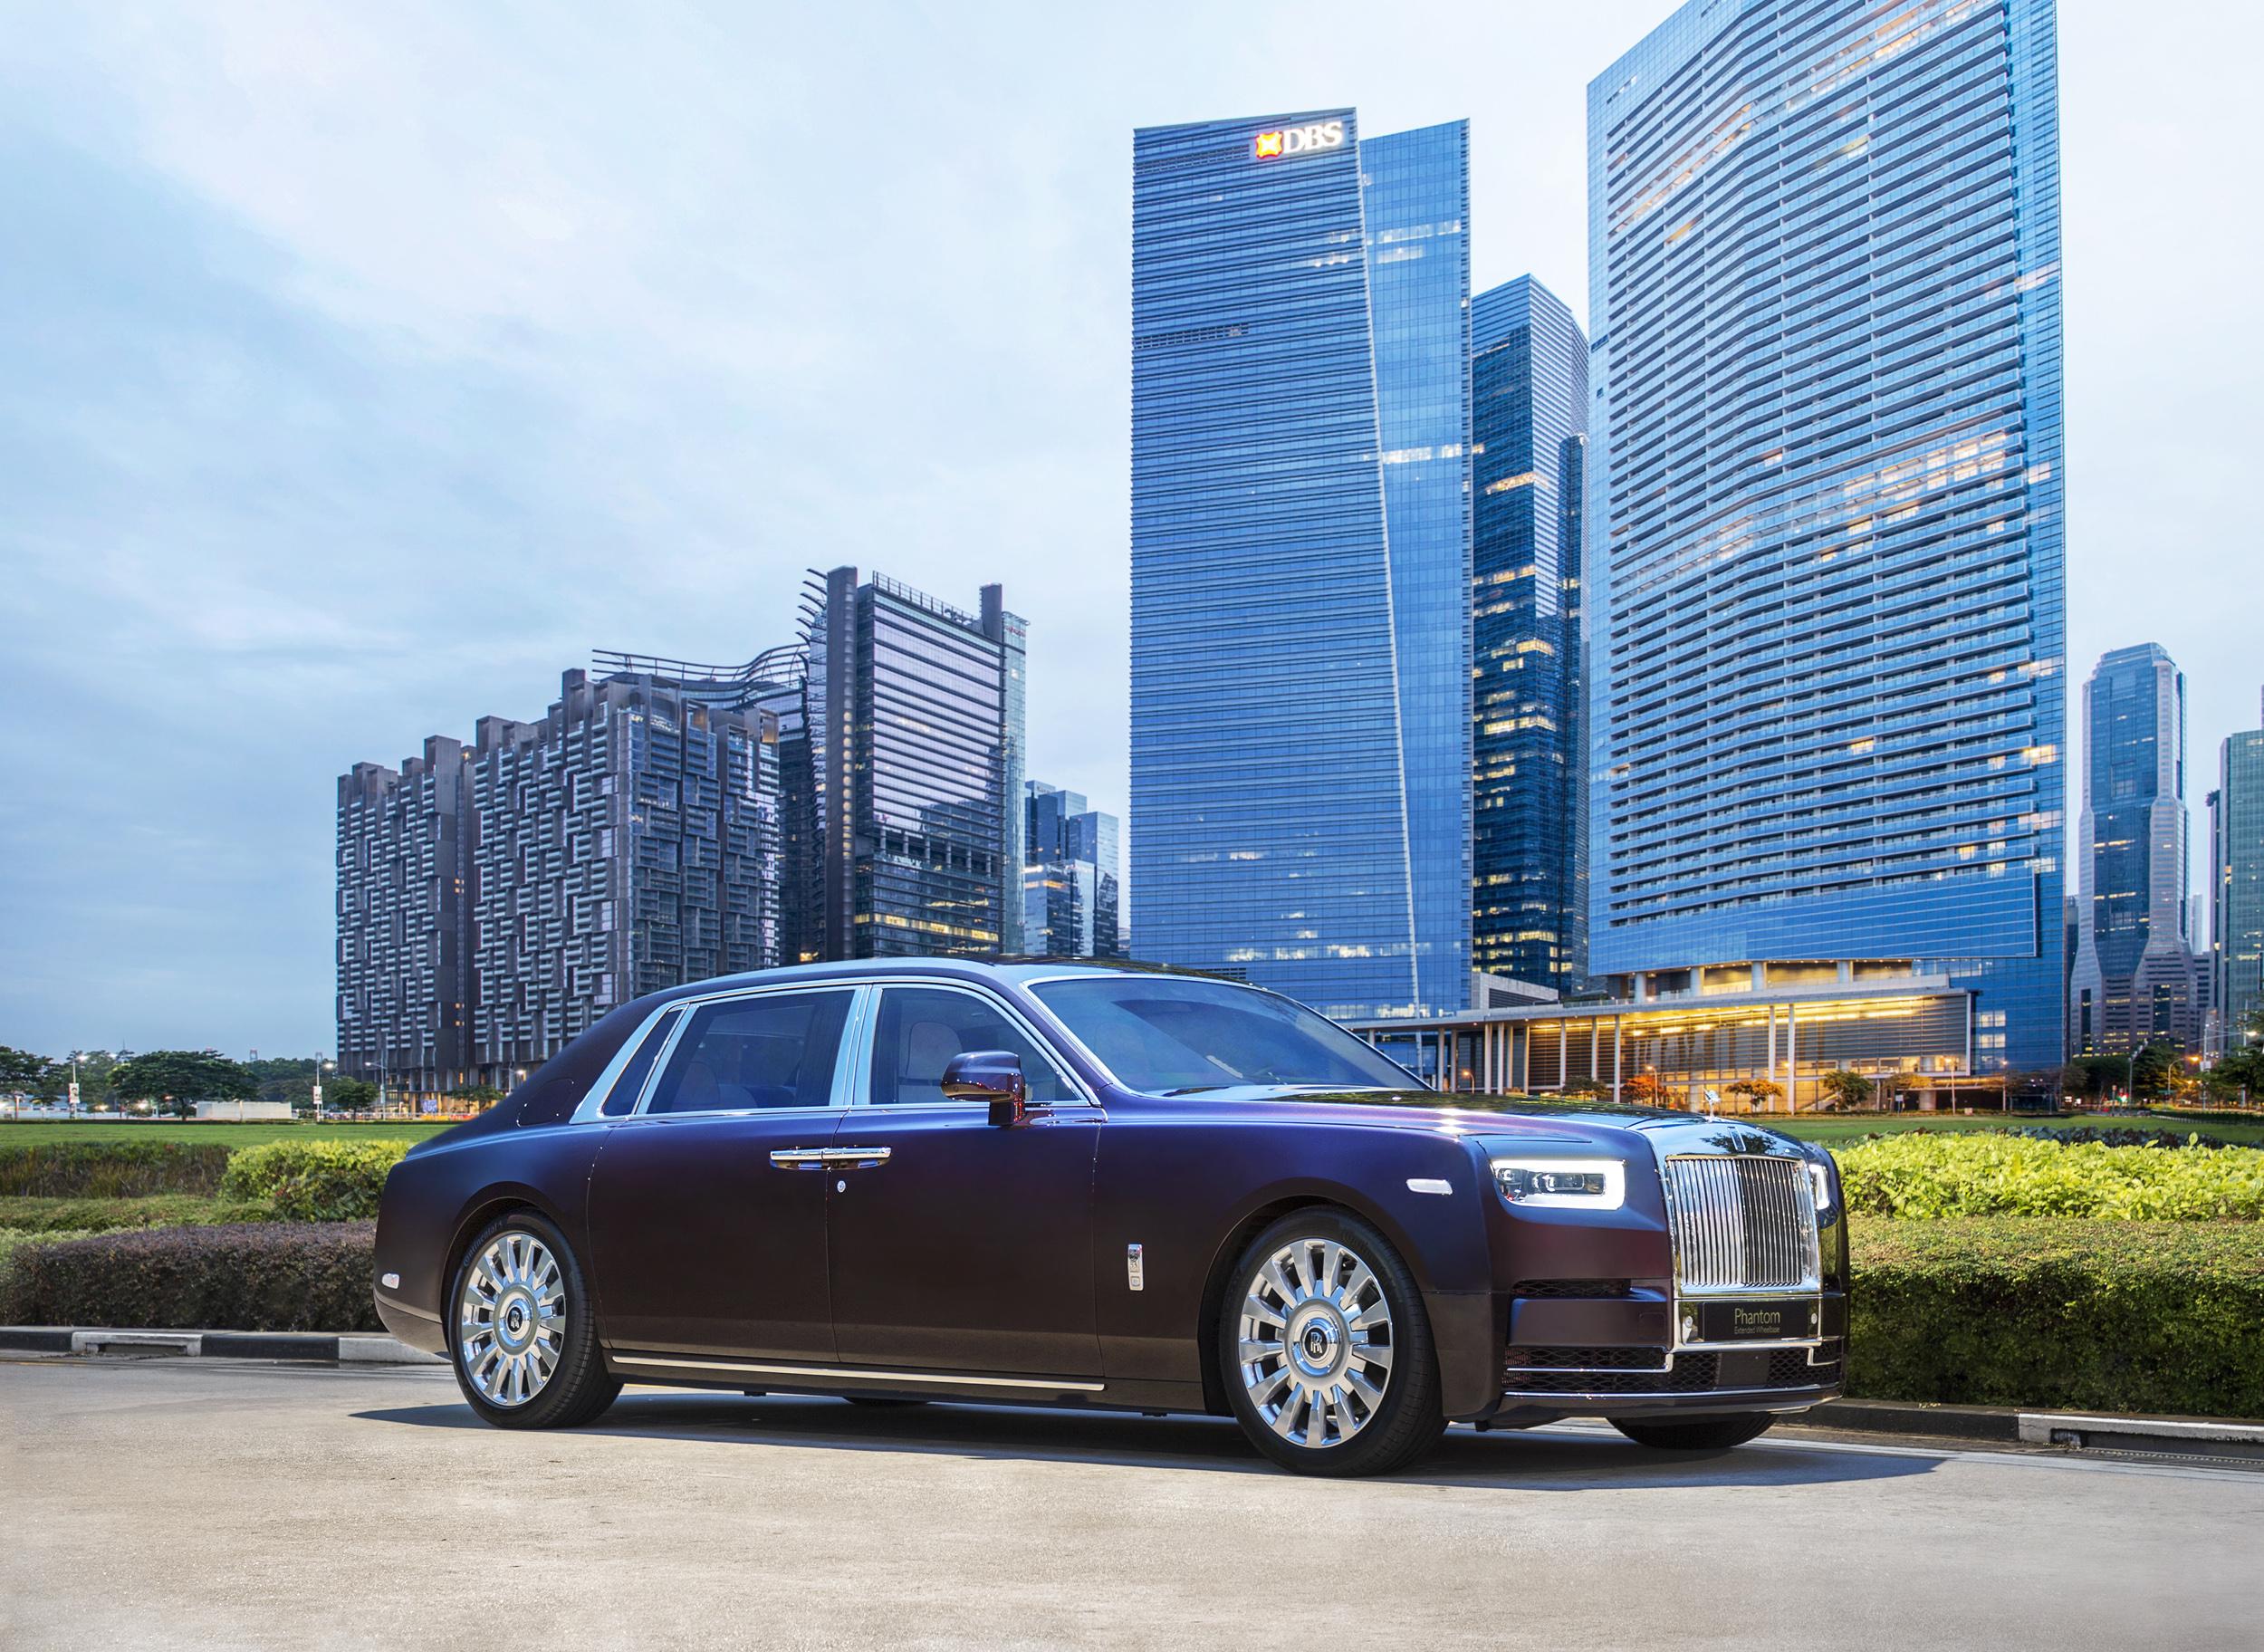 Rolls-Royce Phantom in front of M?BS